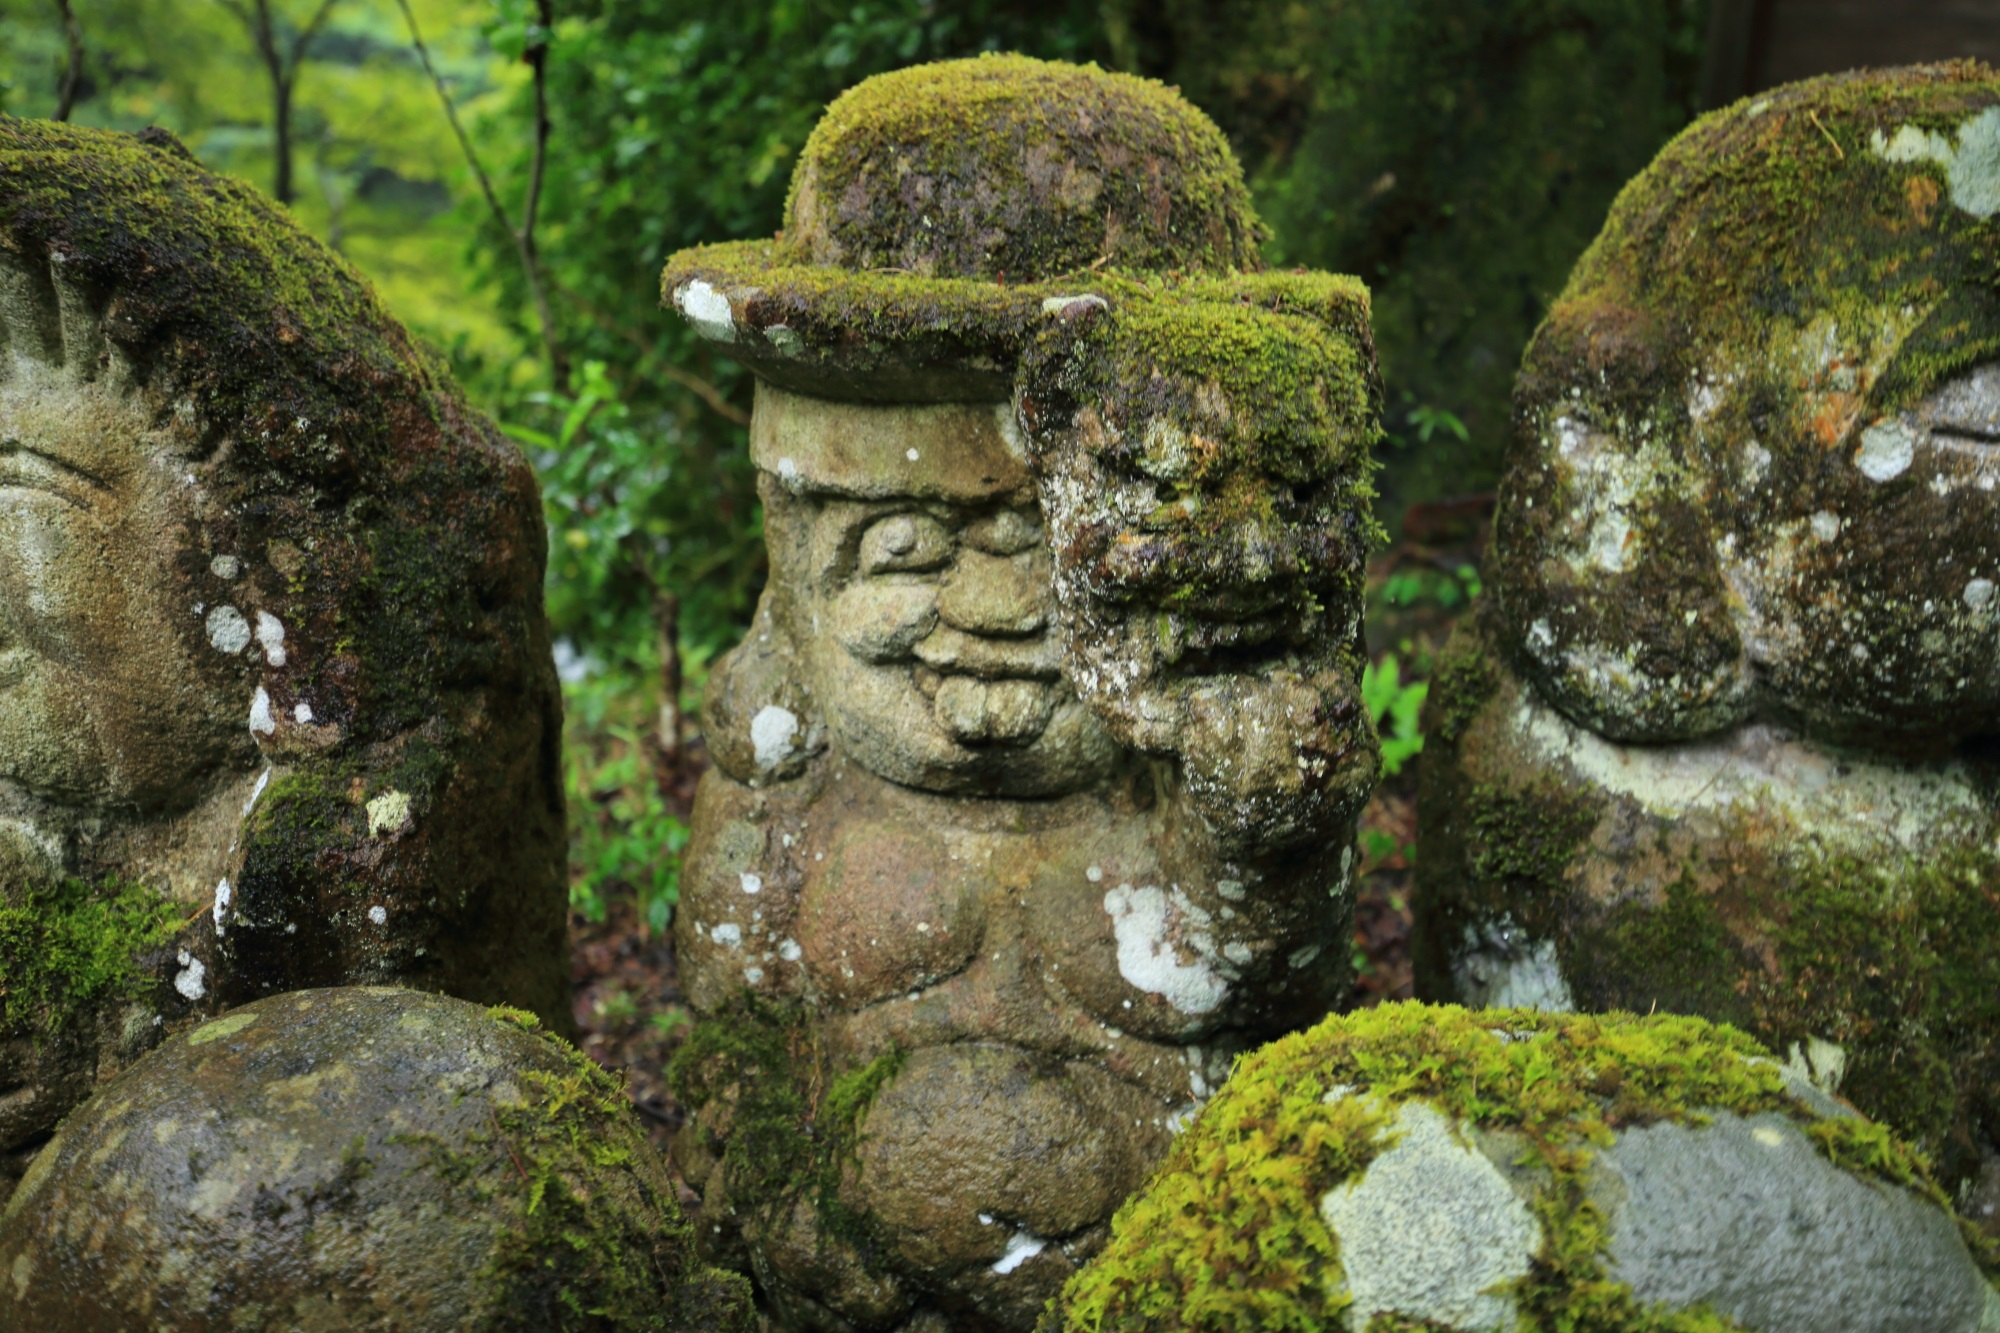 愛宕念仏寺のアッカンベーの千二百羅漢